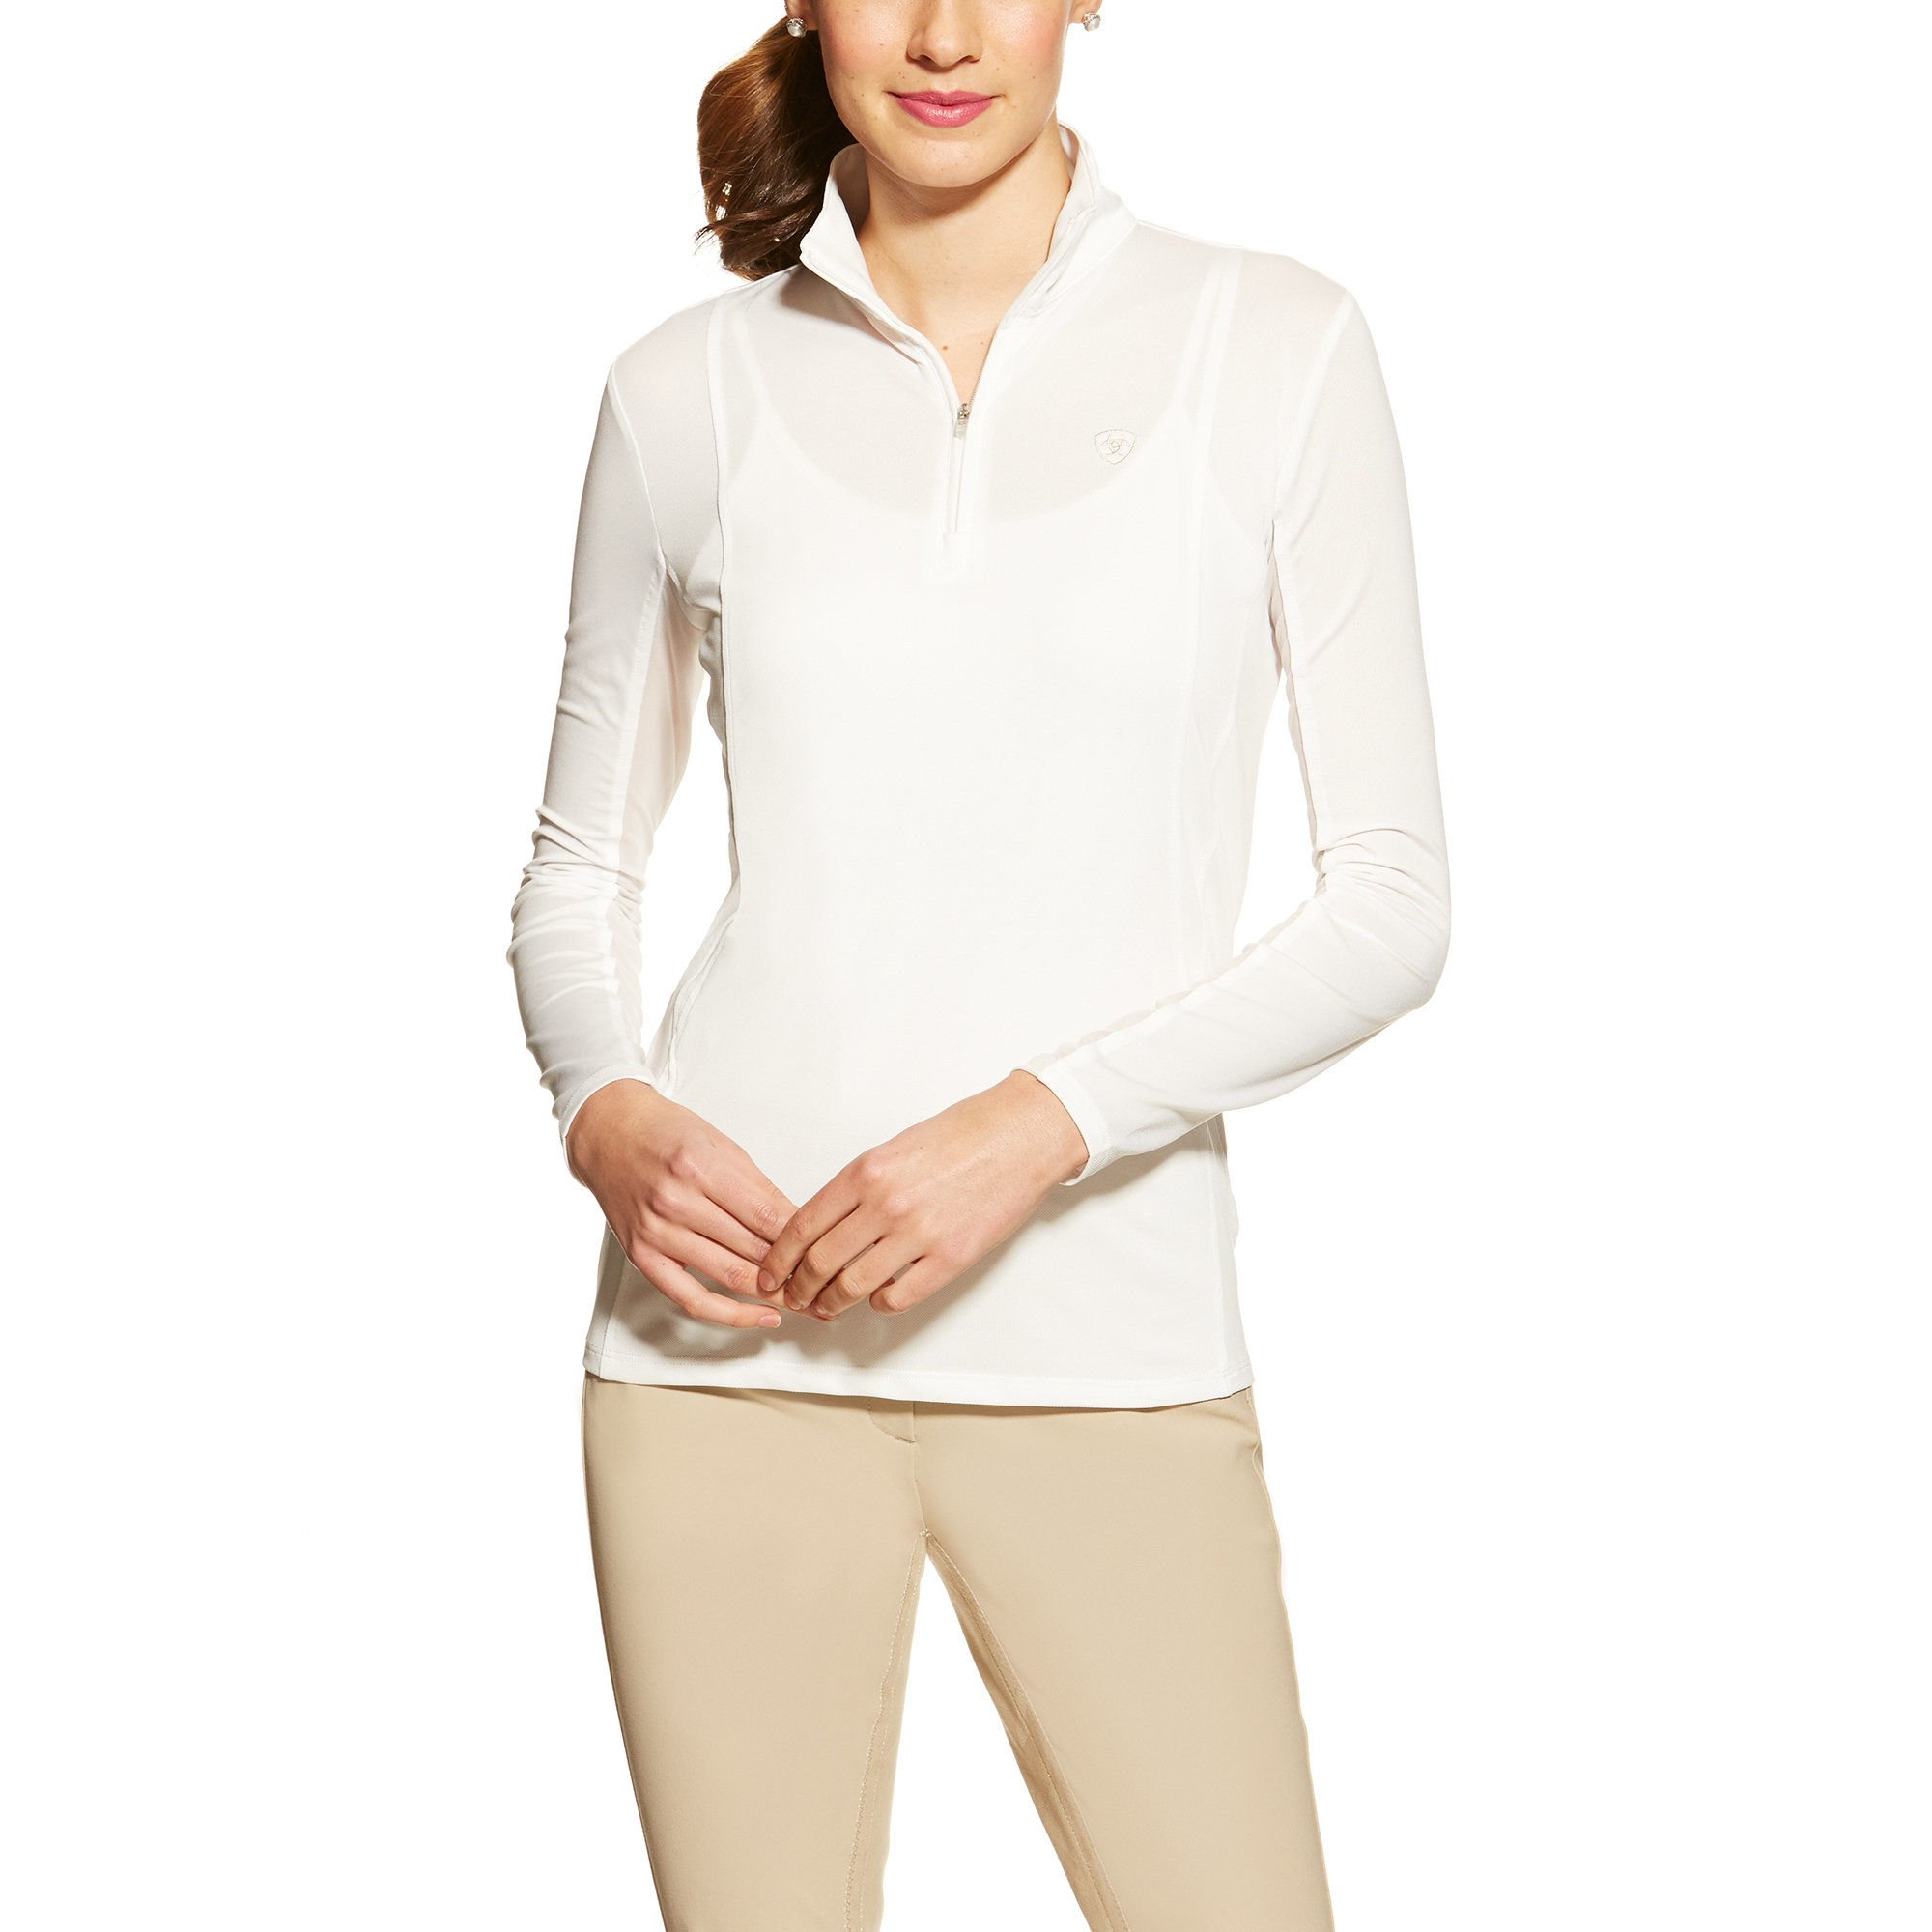 Ariat Women's Sunstopper 1/4 Zip Pullover, White, Small